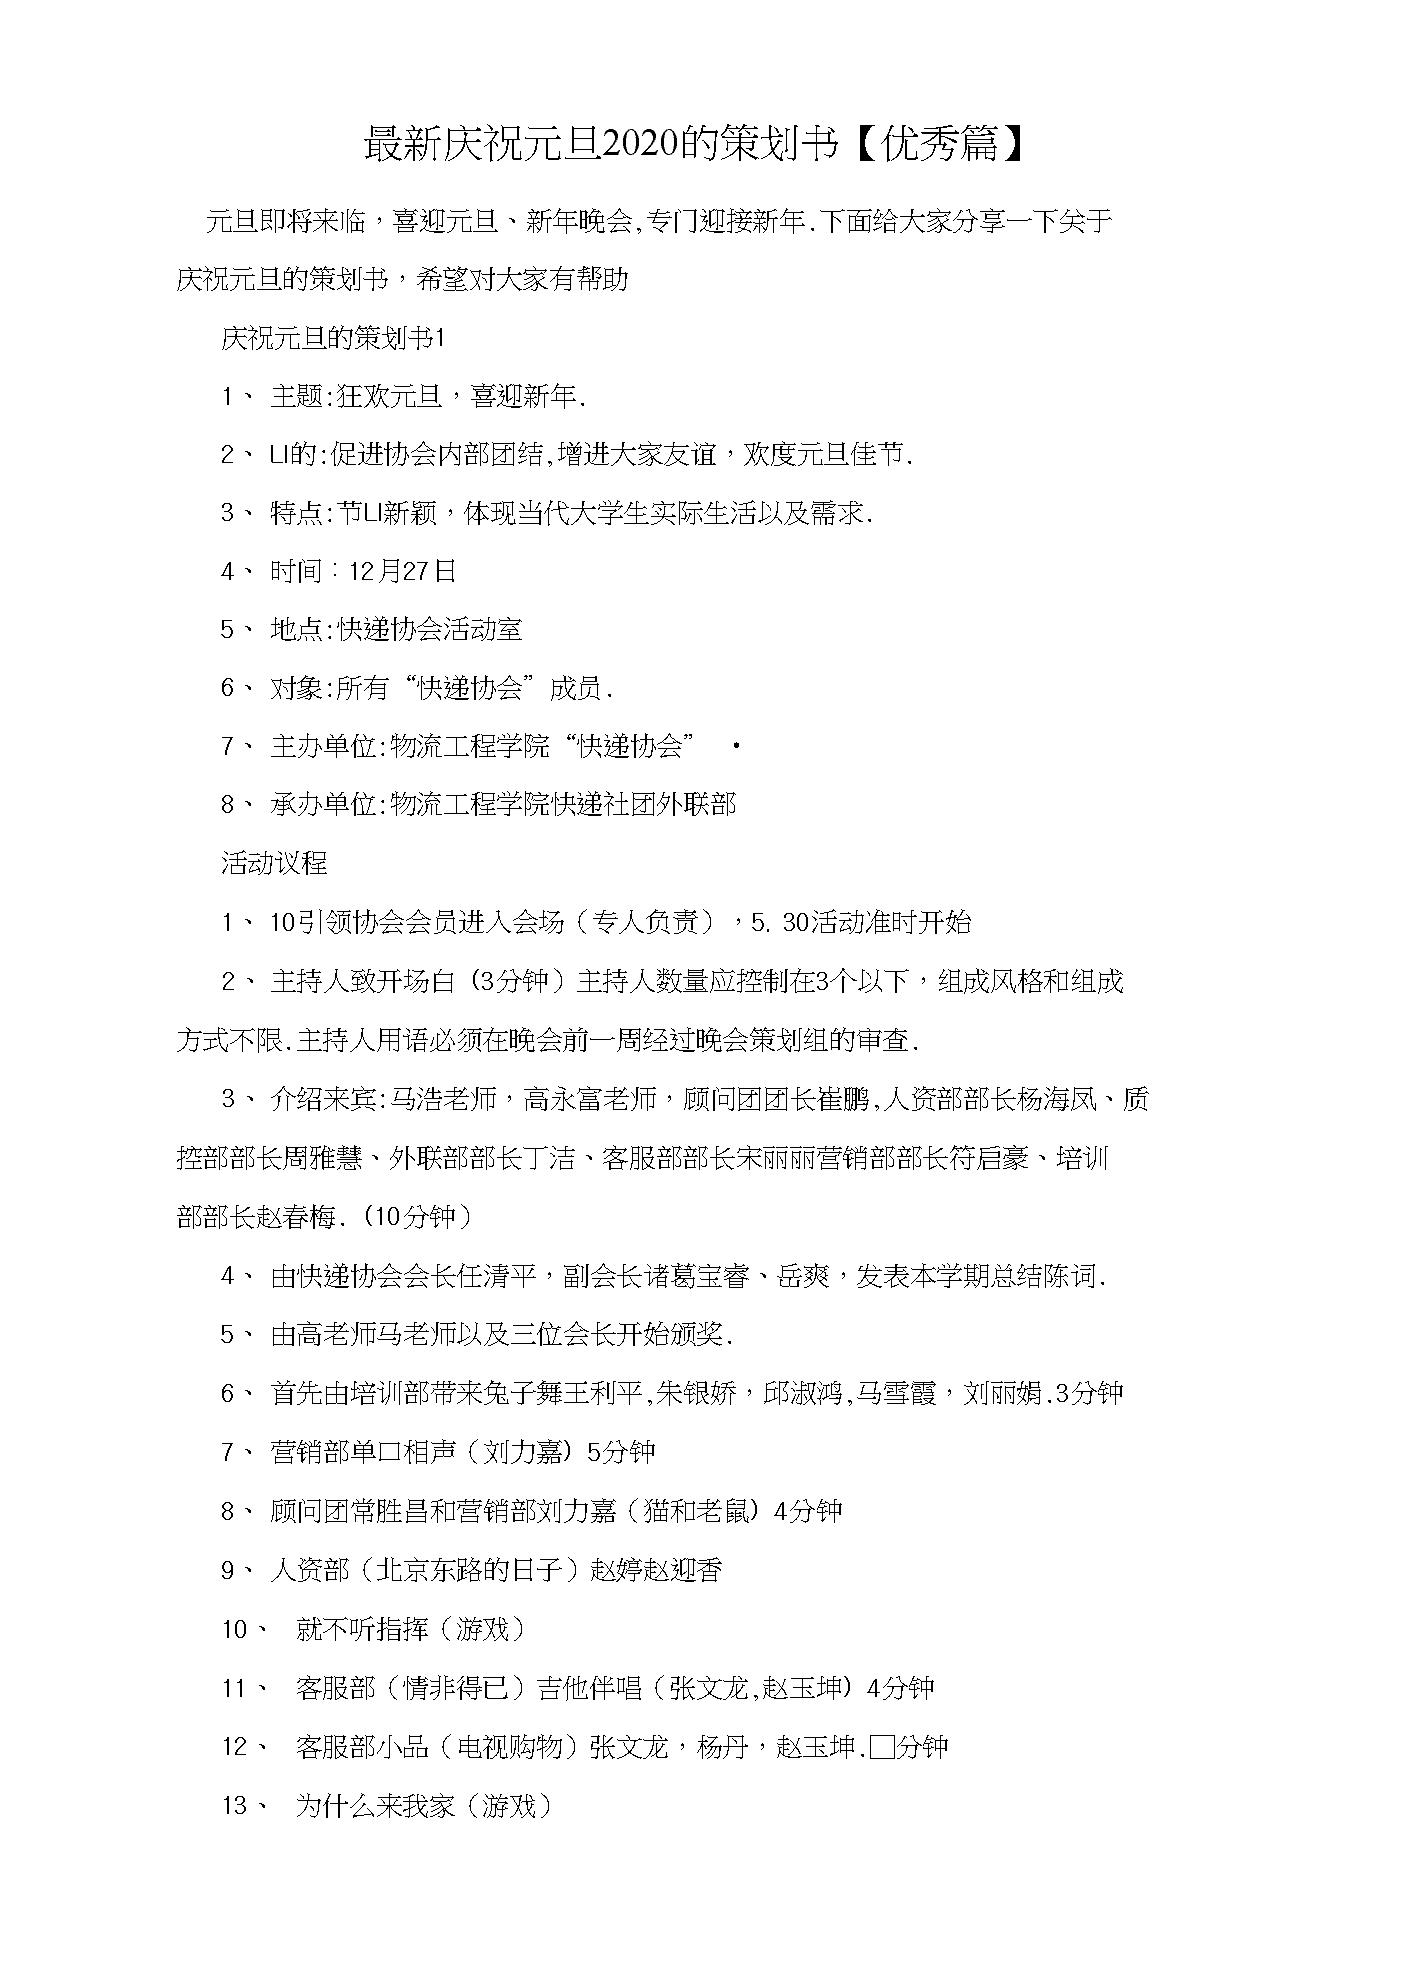 最新庆祝元旦2020的策划书【优秀篇】.docx